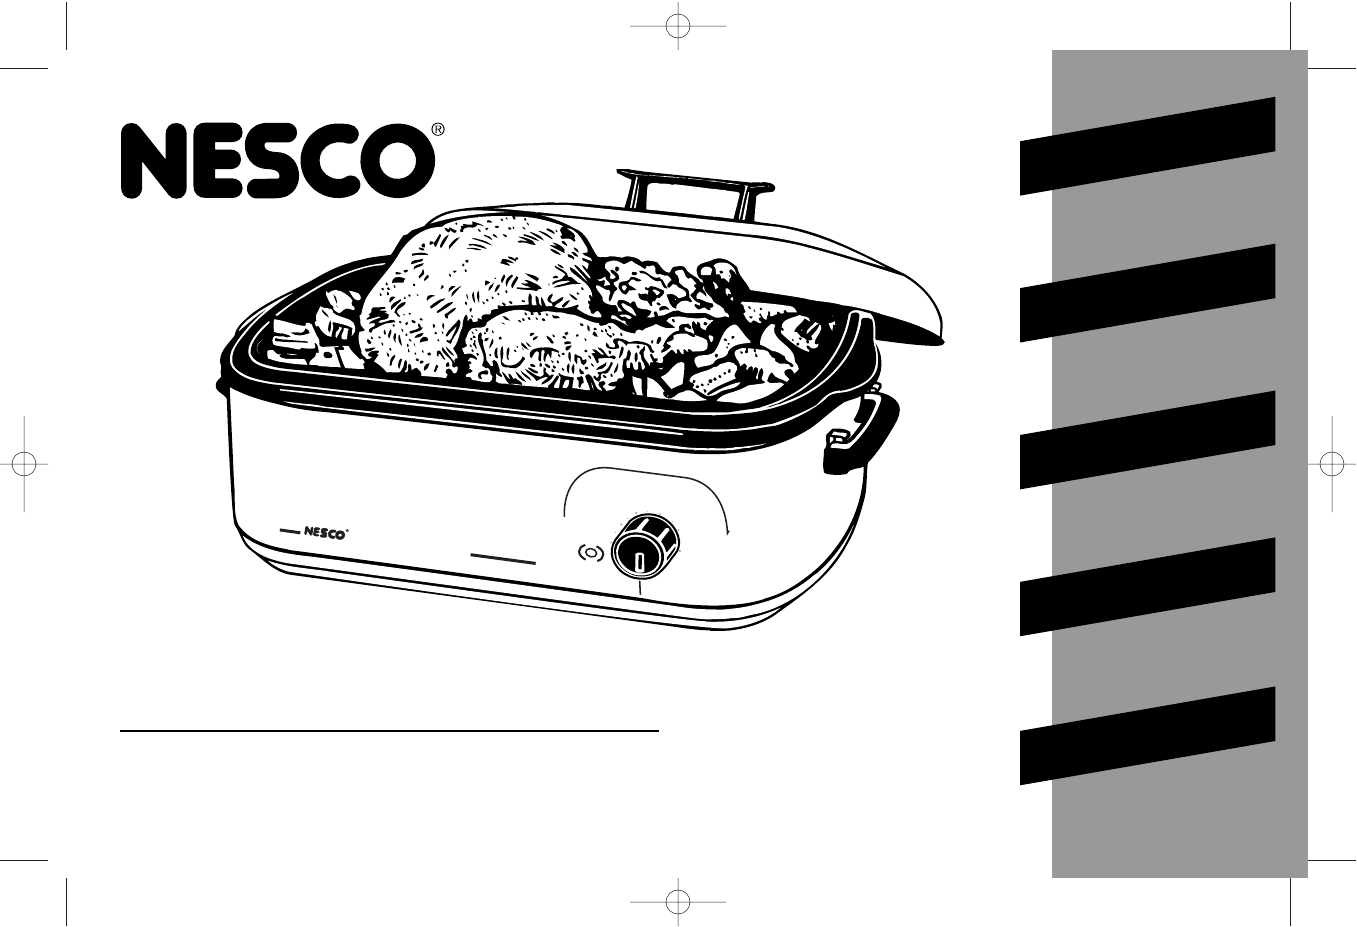 nesco oven 18 qt roaster oven user guide manualsonline com rh kitchen manualsonline com nesco roaster oven recipes nesco roaster oven recipes for turkey